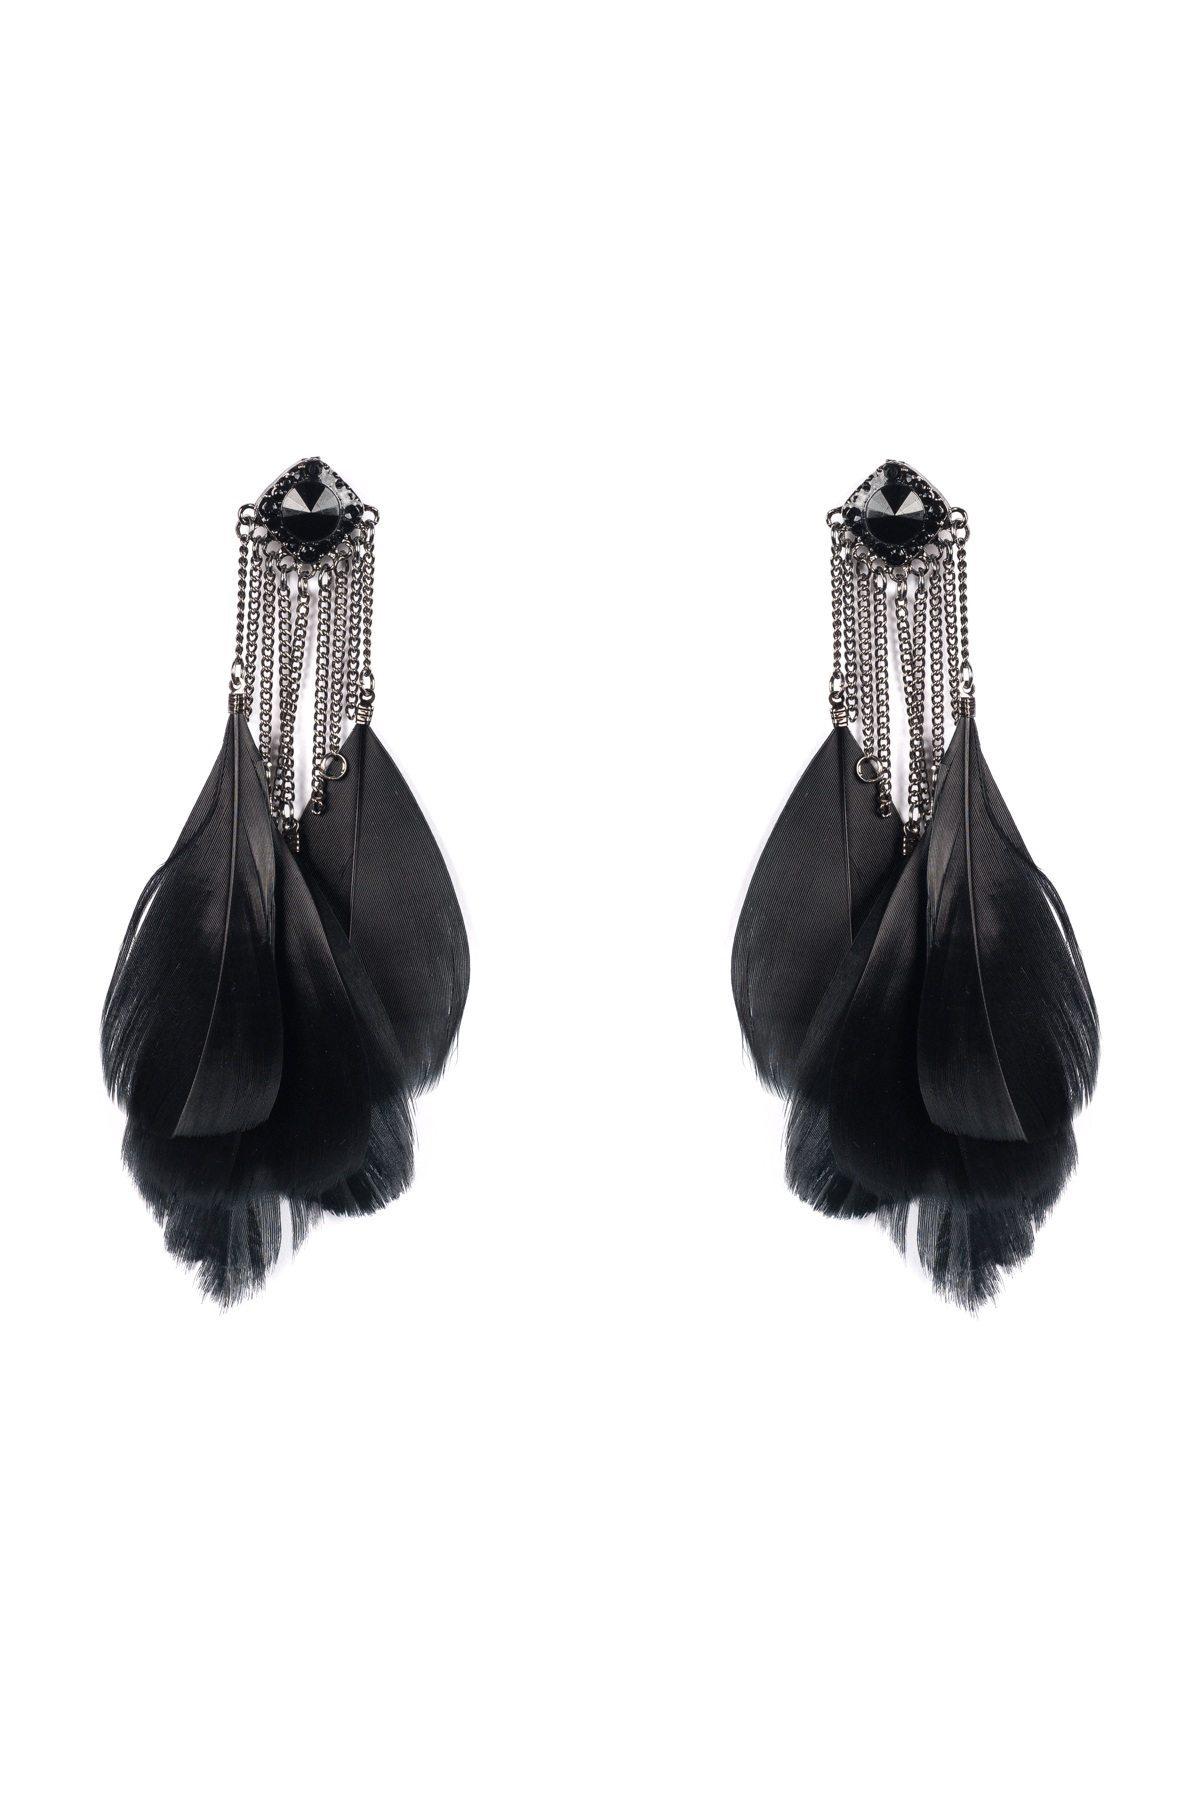 Cercei argintii cu pene negre Negru